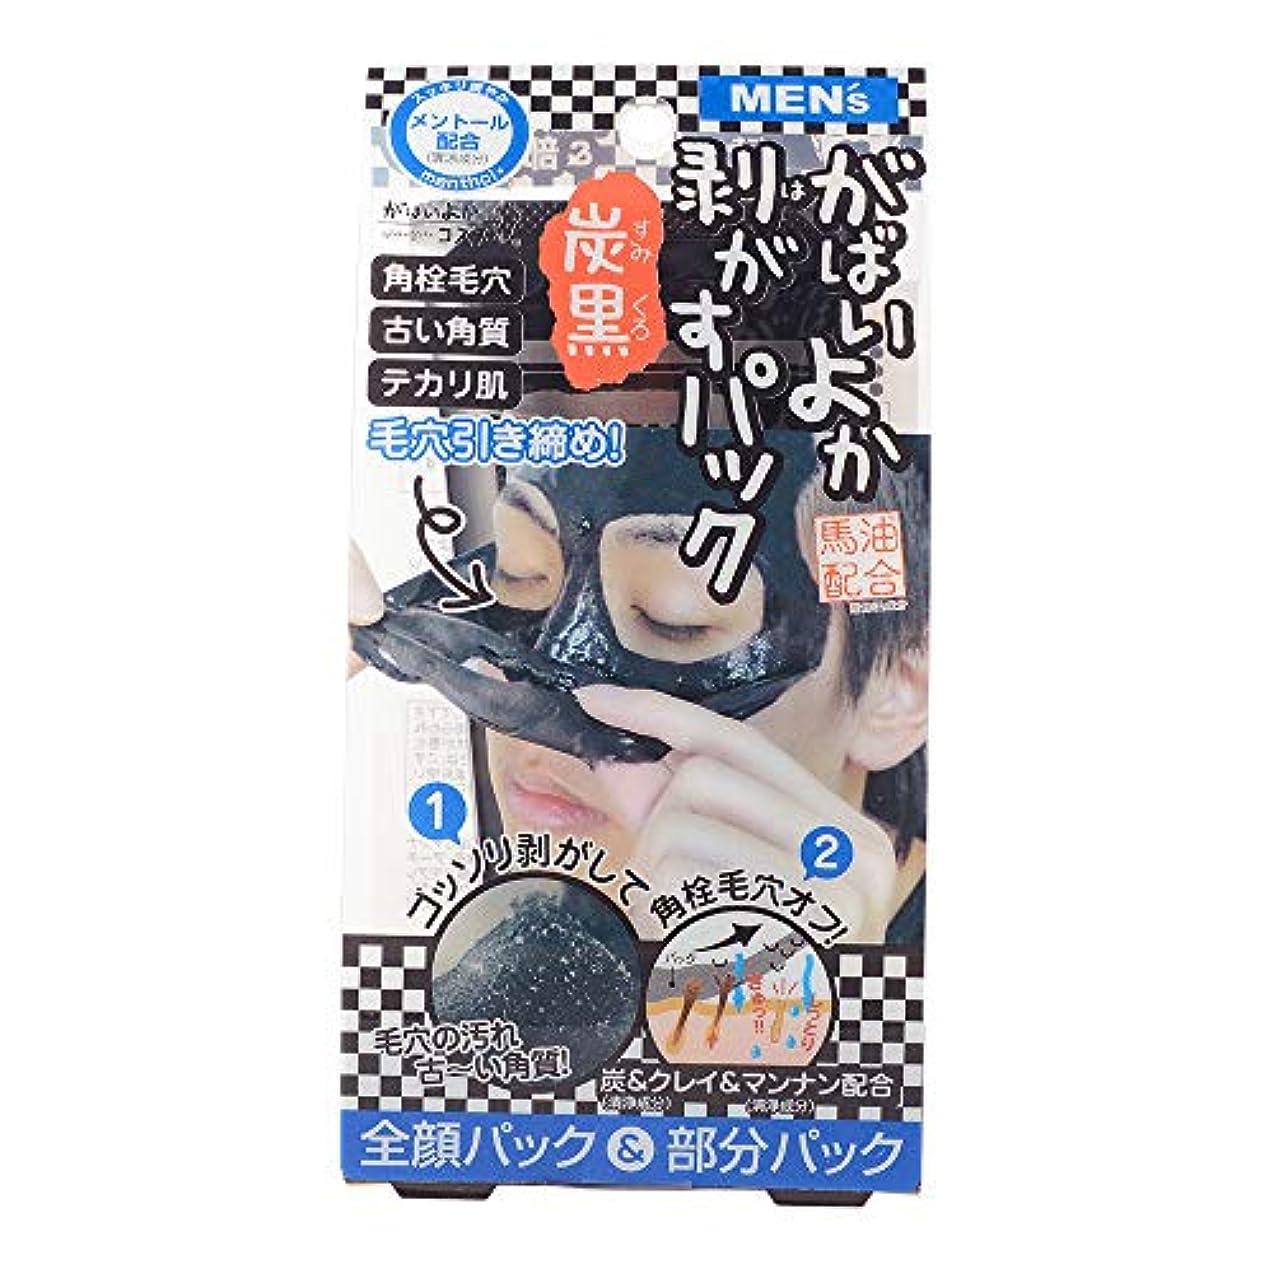 ネイティブおとなしい許容がばいよかコスメ メンズ 剥がすパック 炭黒 (90g)